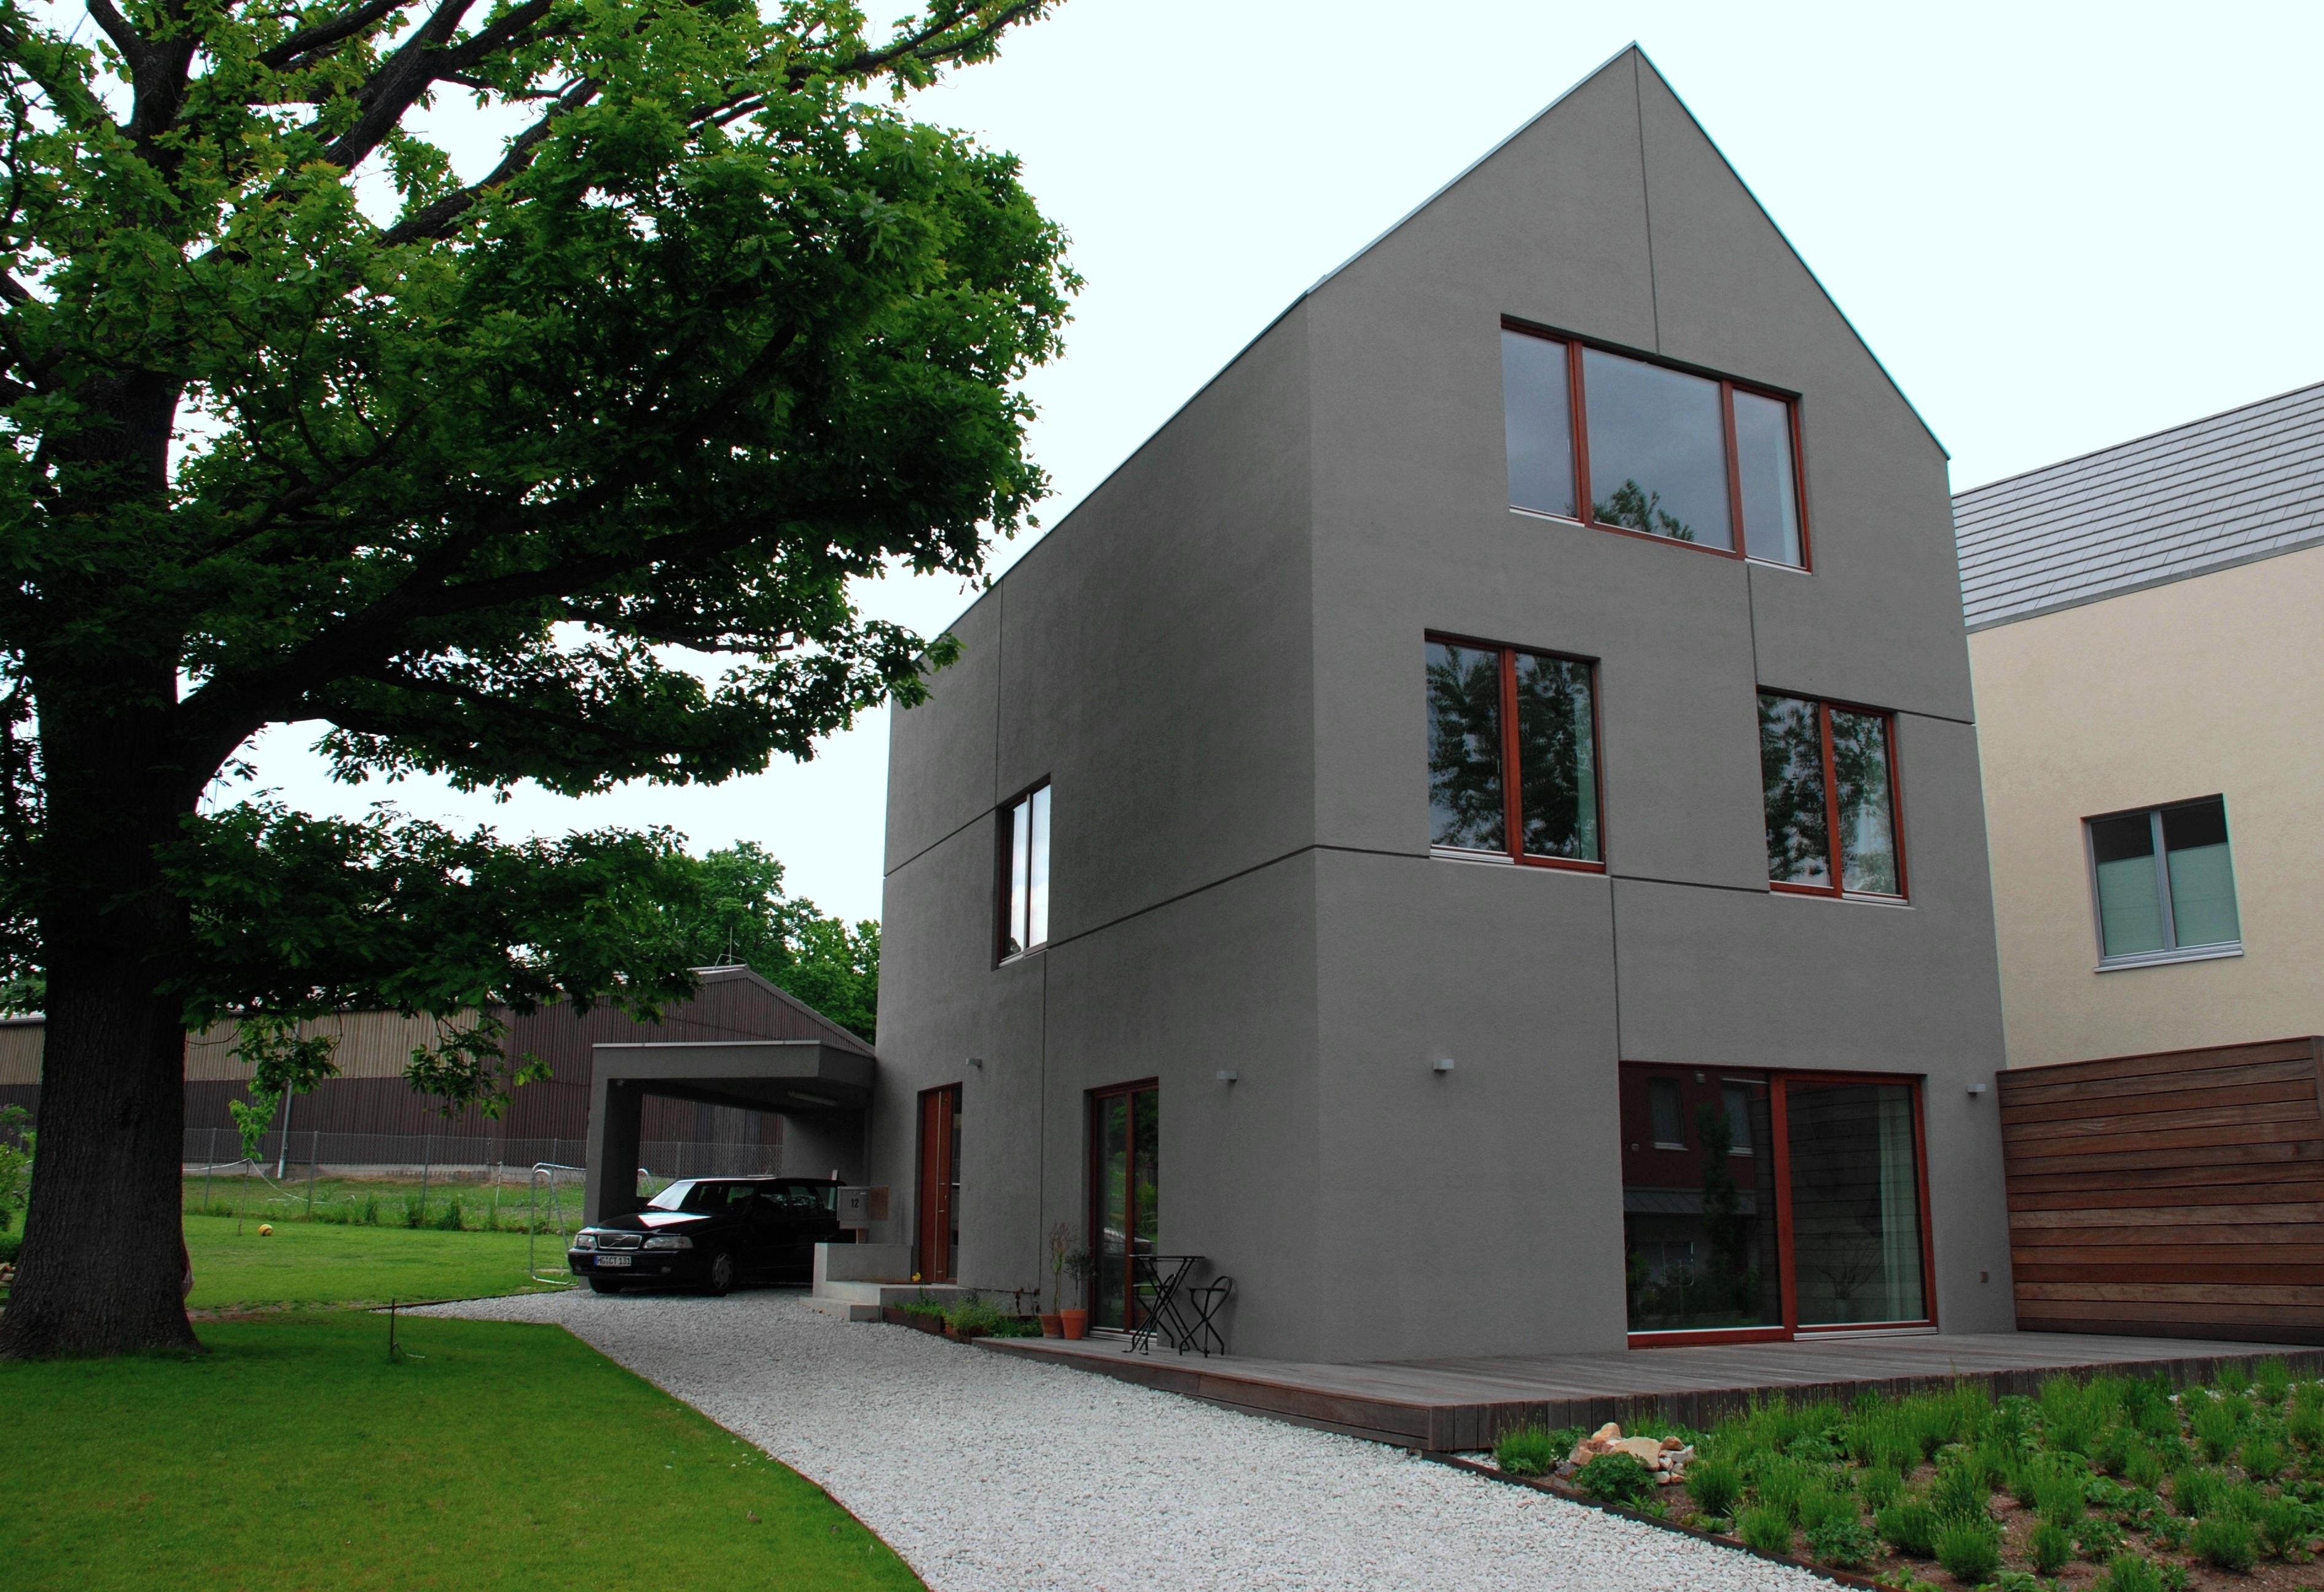 Charmant Sind Häuser In Reihe Oder Parallel Verdrahtet ...